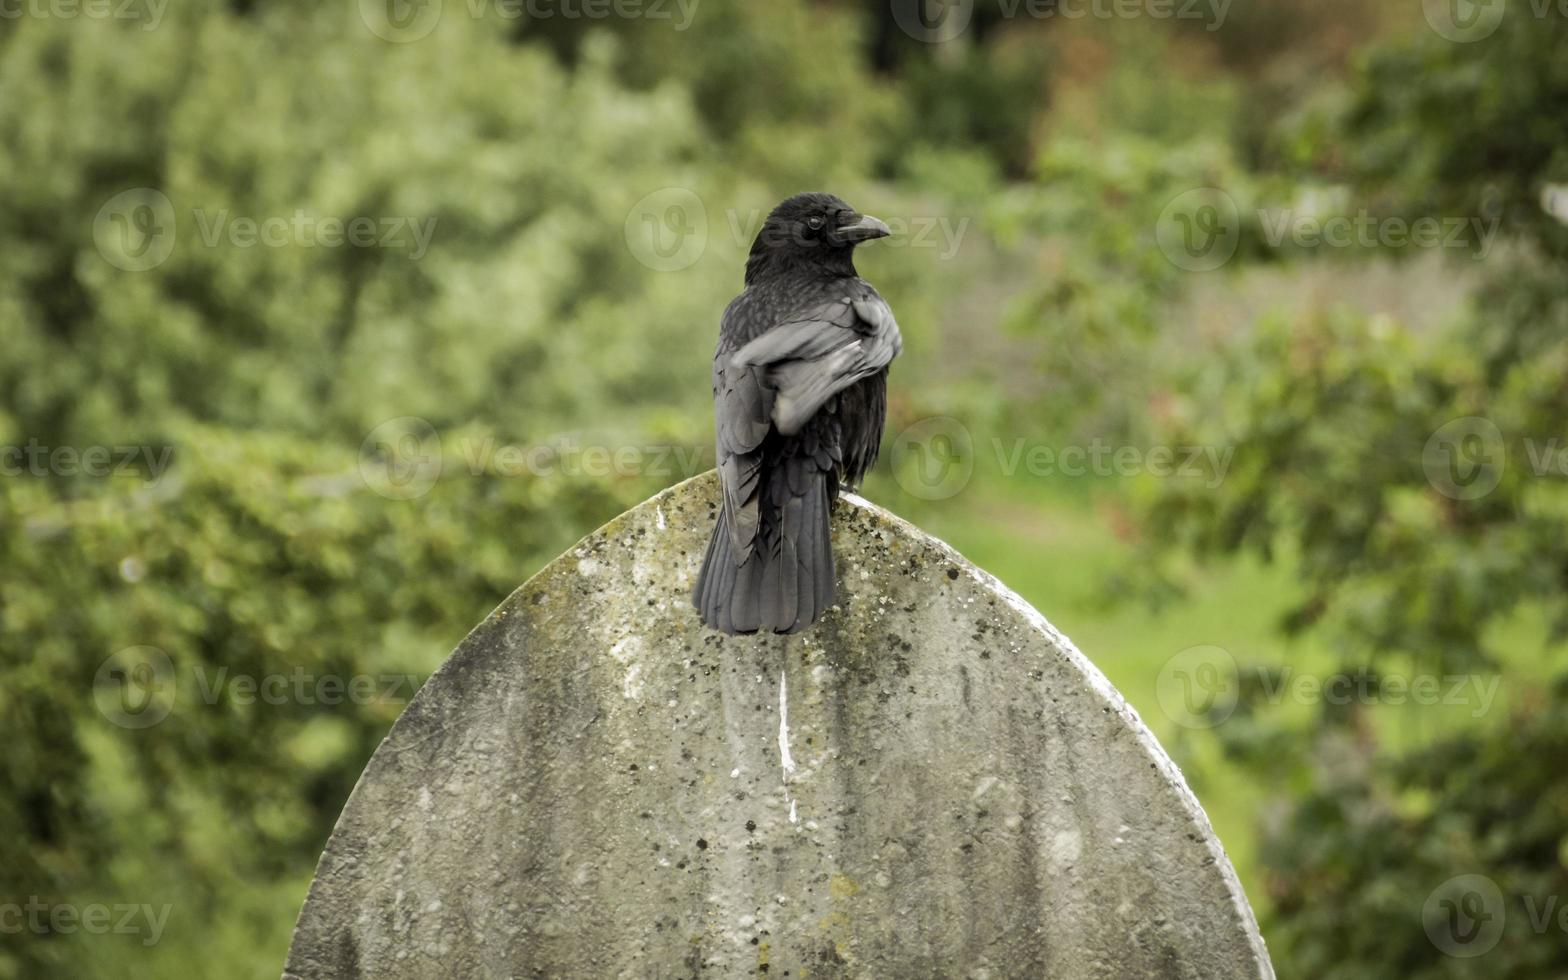 grande corvo pousa em uma lápide, imagem colorida foto